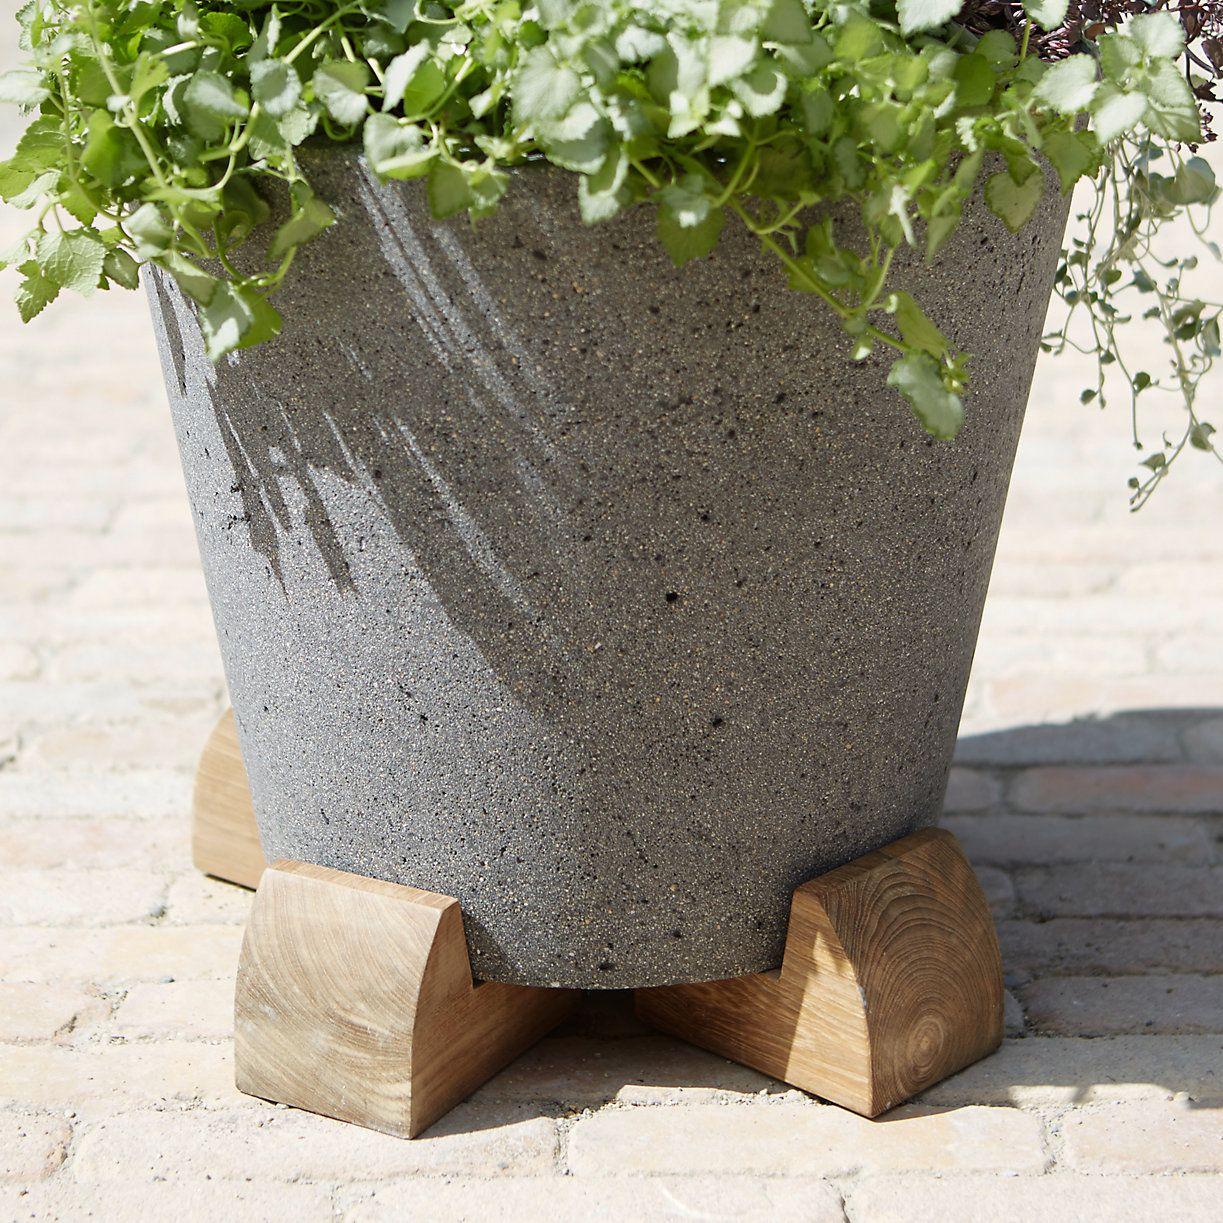 Round Teak Pot Feet Set Of 4 Diy Pots Diy Planters Indoor Indoor Planters